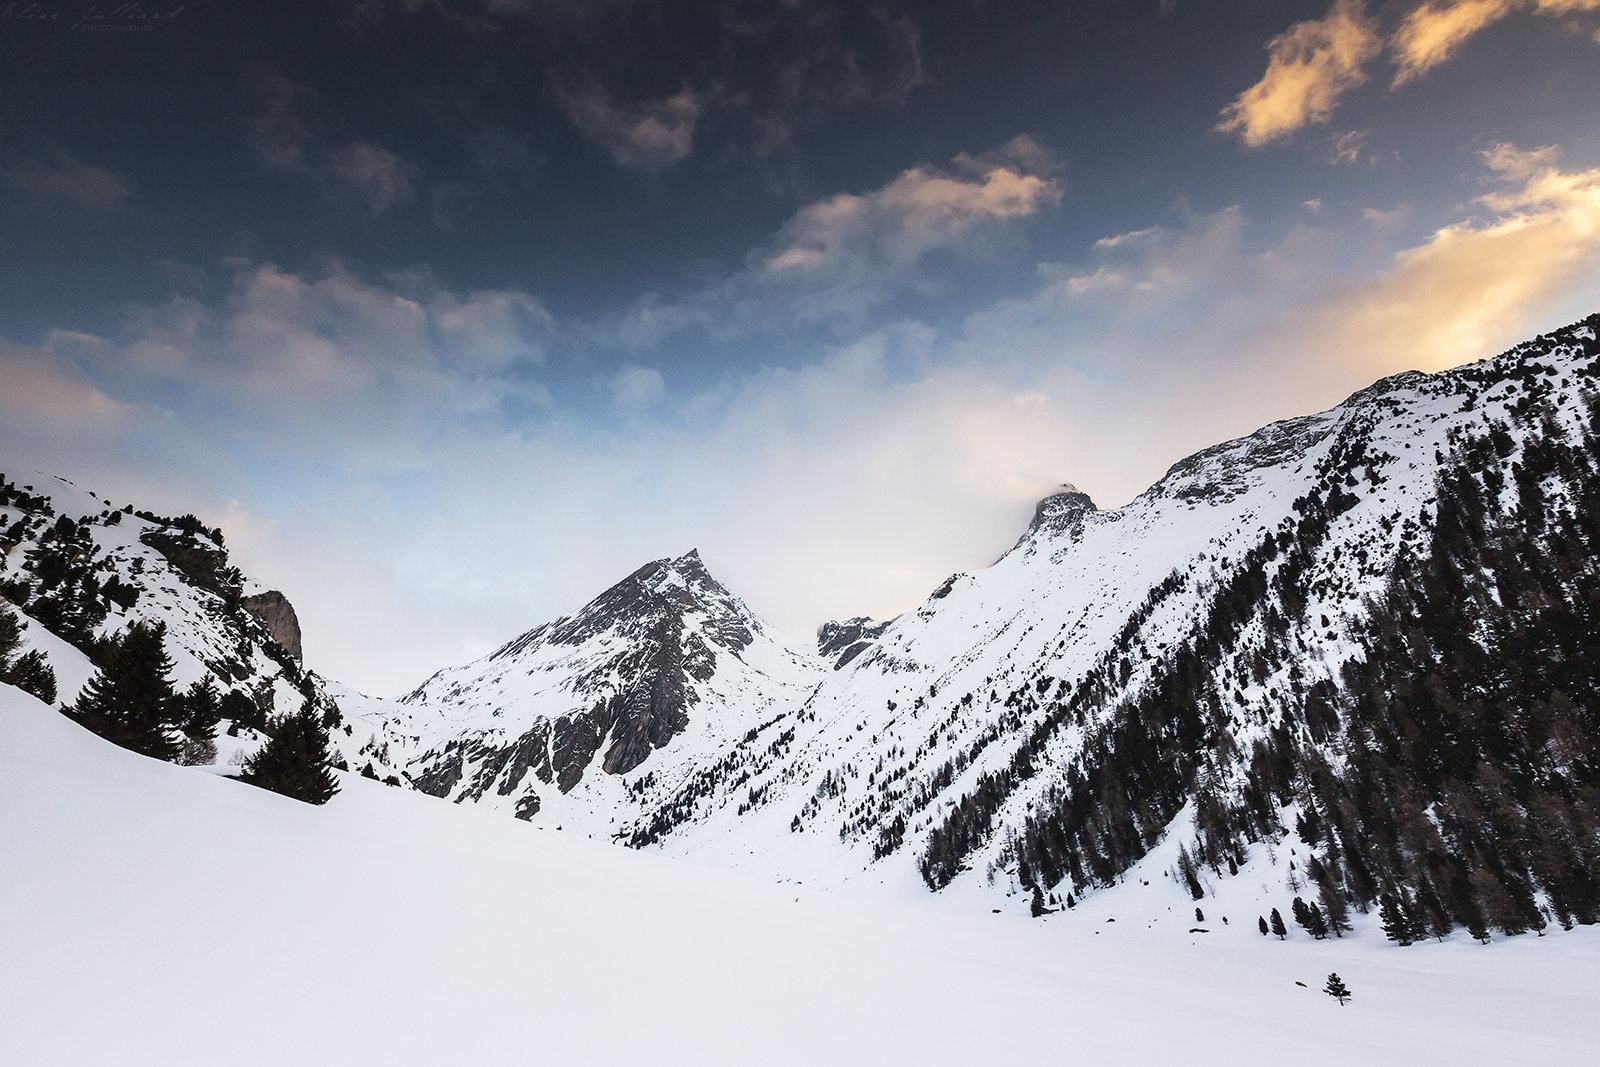 elise-julliard-photographe-lyon-rhone-alpes-photo-paysage-maurienne-savoie-modane-aiguille-doran-refuge-de-lorgere